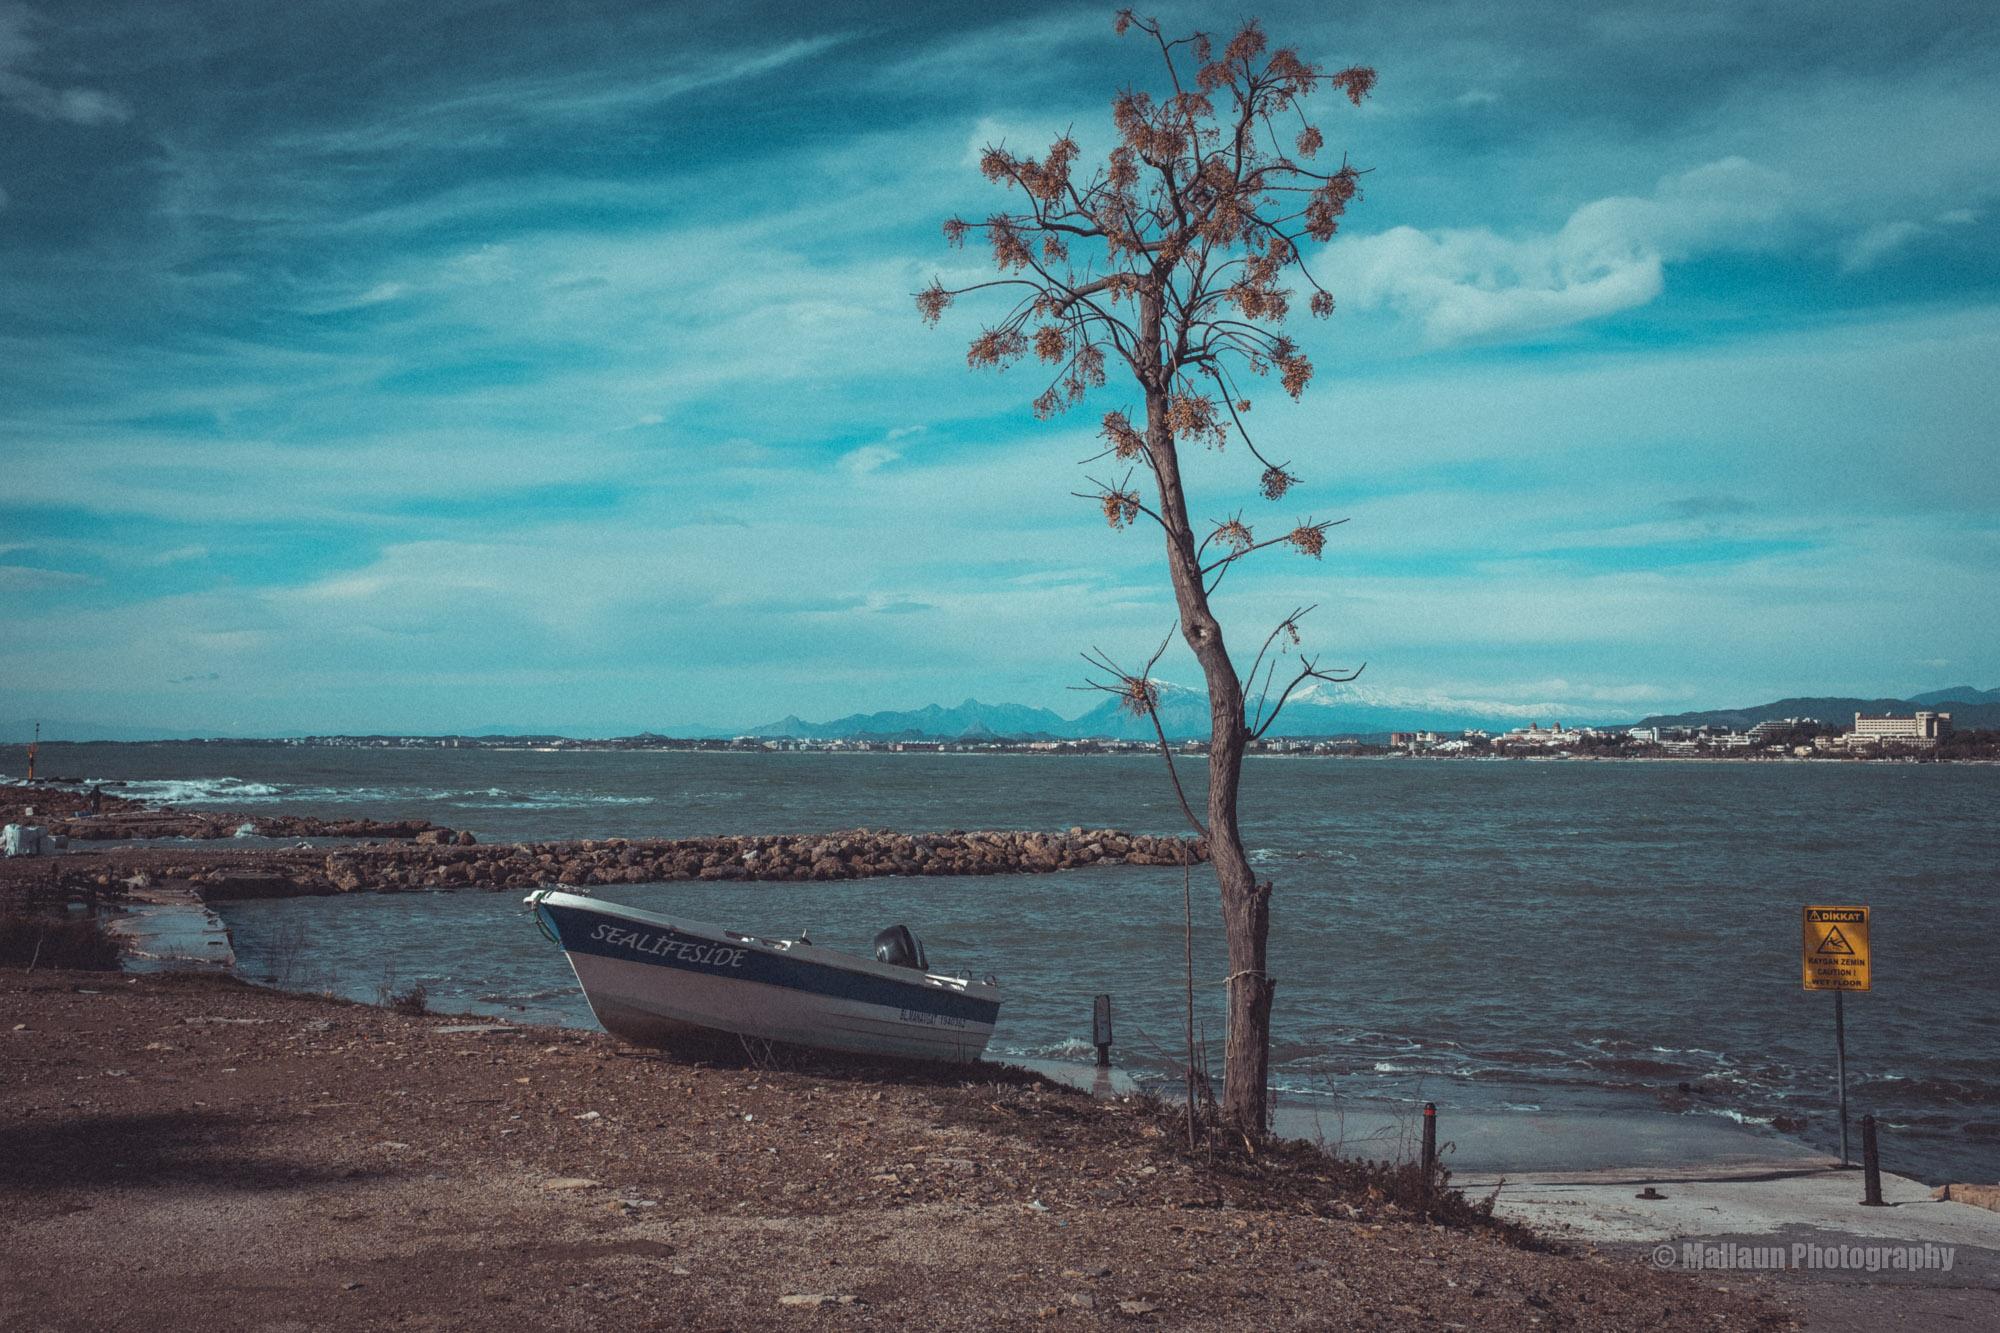 Hafen von Side © Mallaun Photography